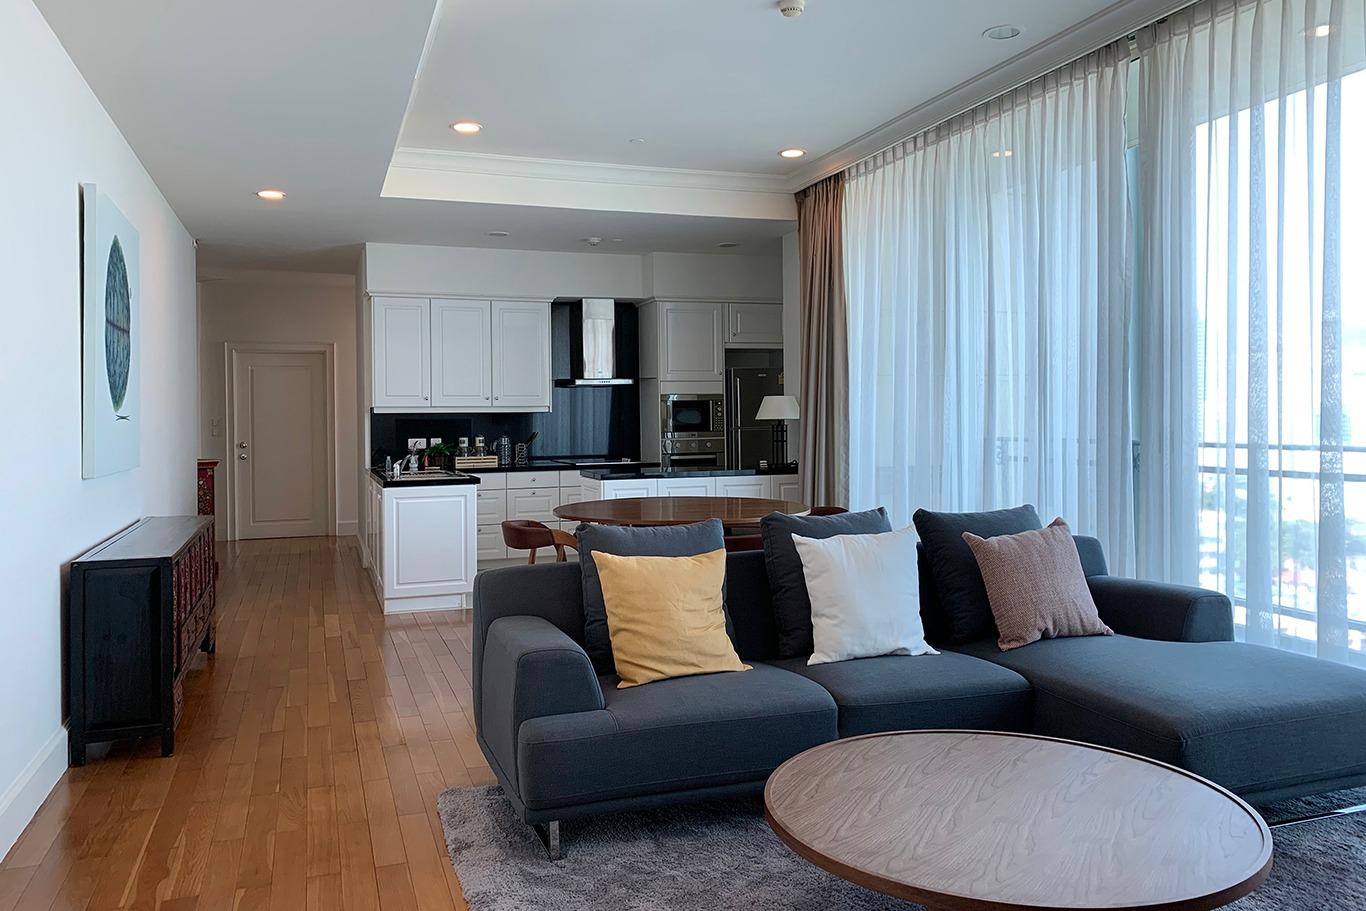 ภาพRoyce Private Residences - Beautifully Furnished 2 Bedroom Unit is Now Available To Move In